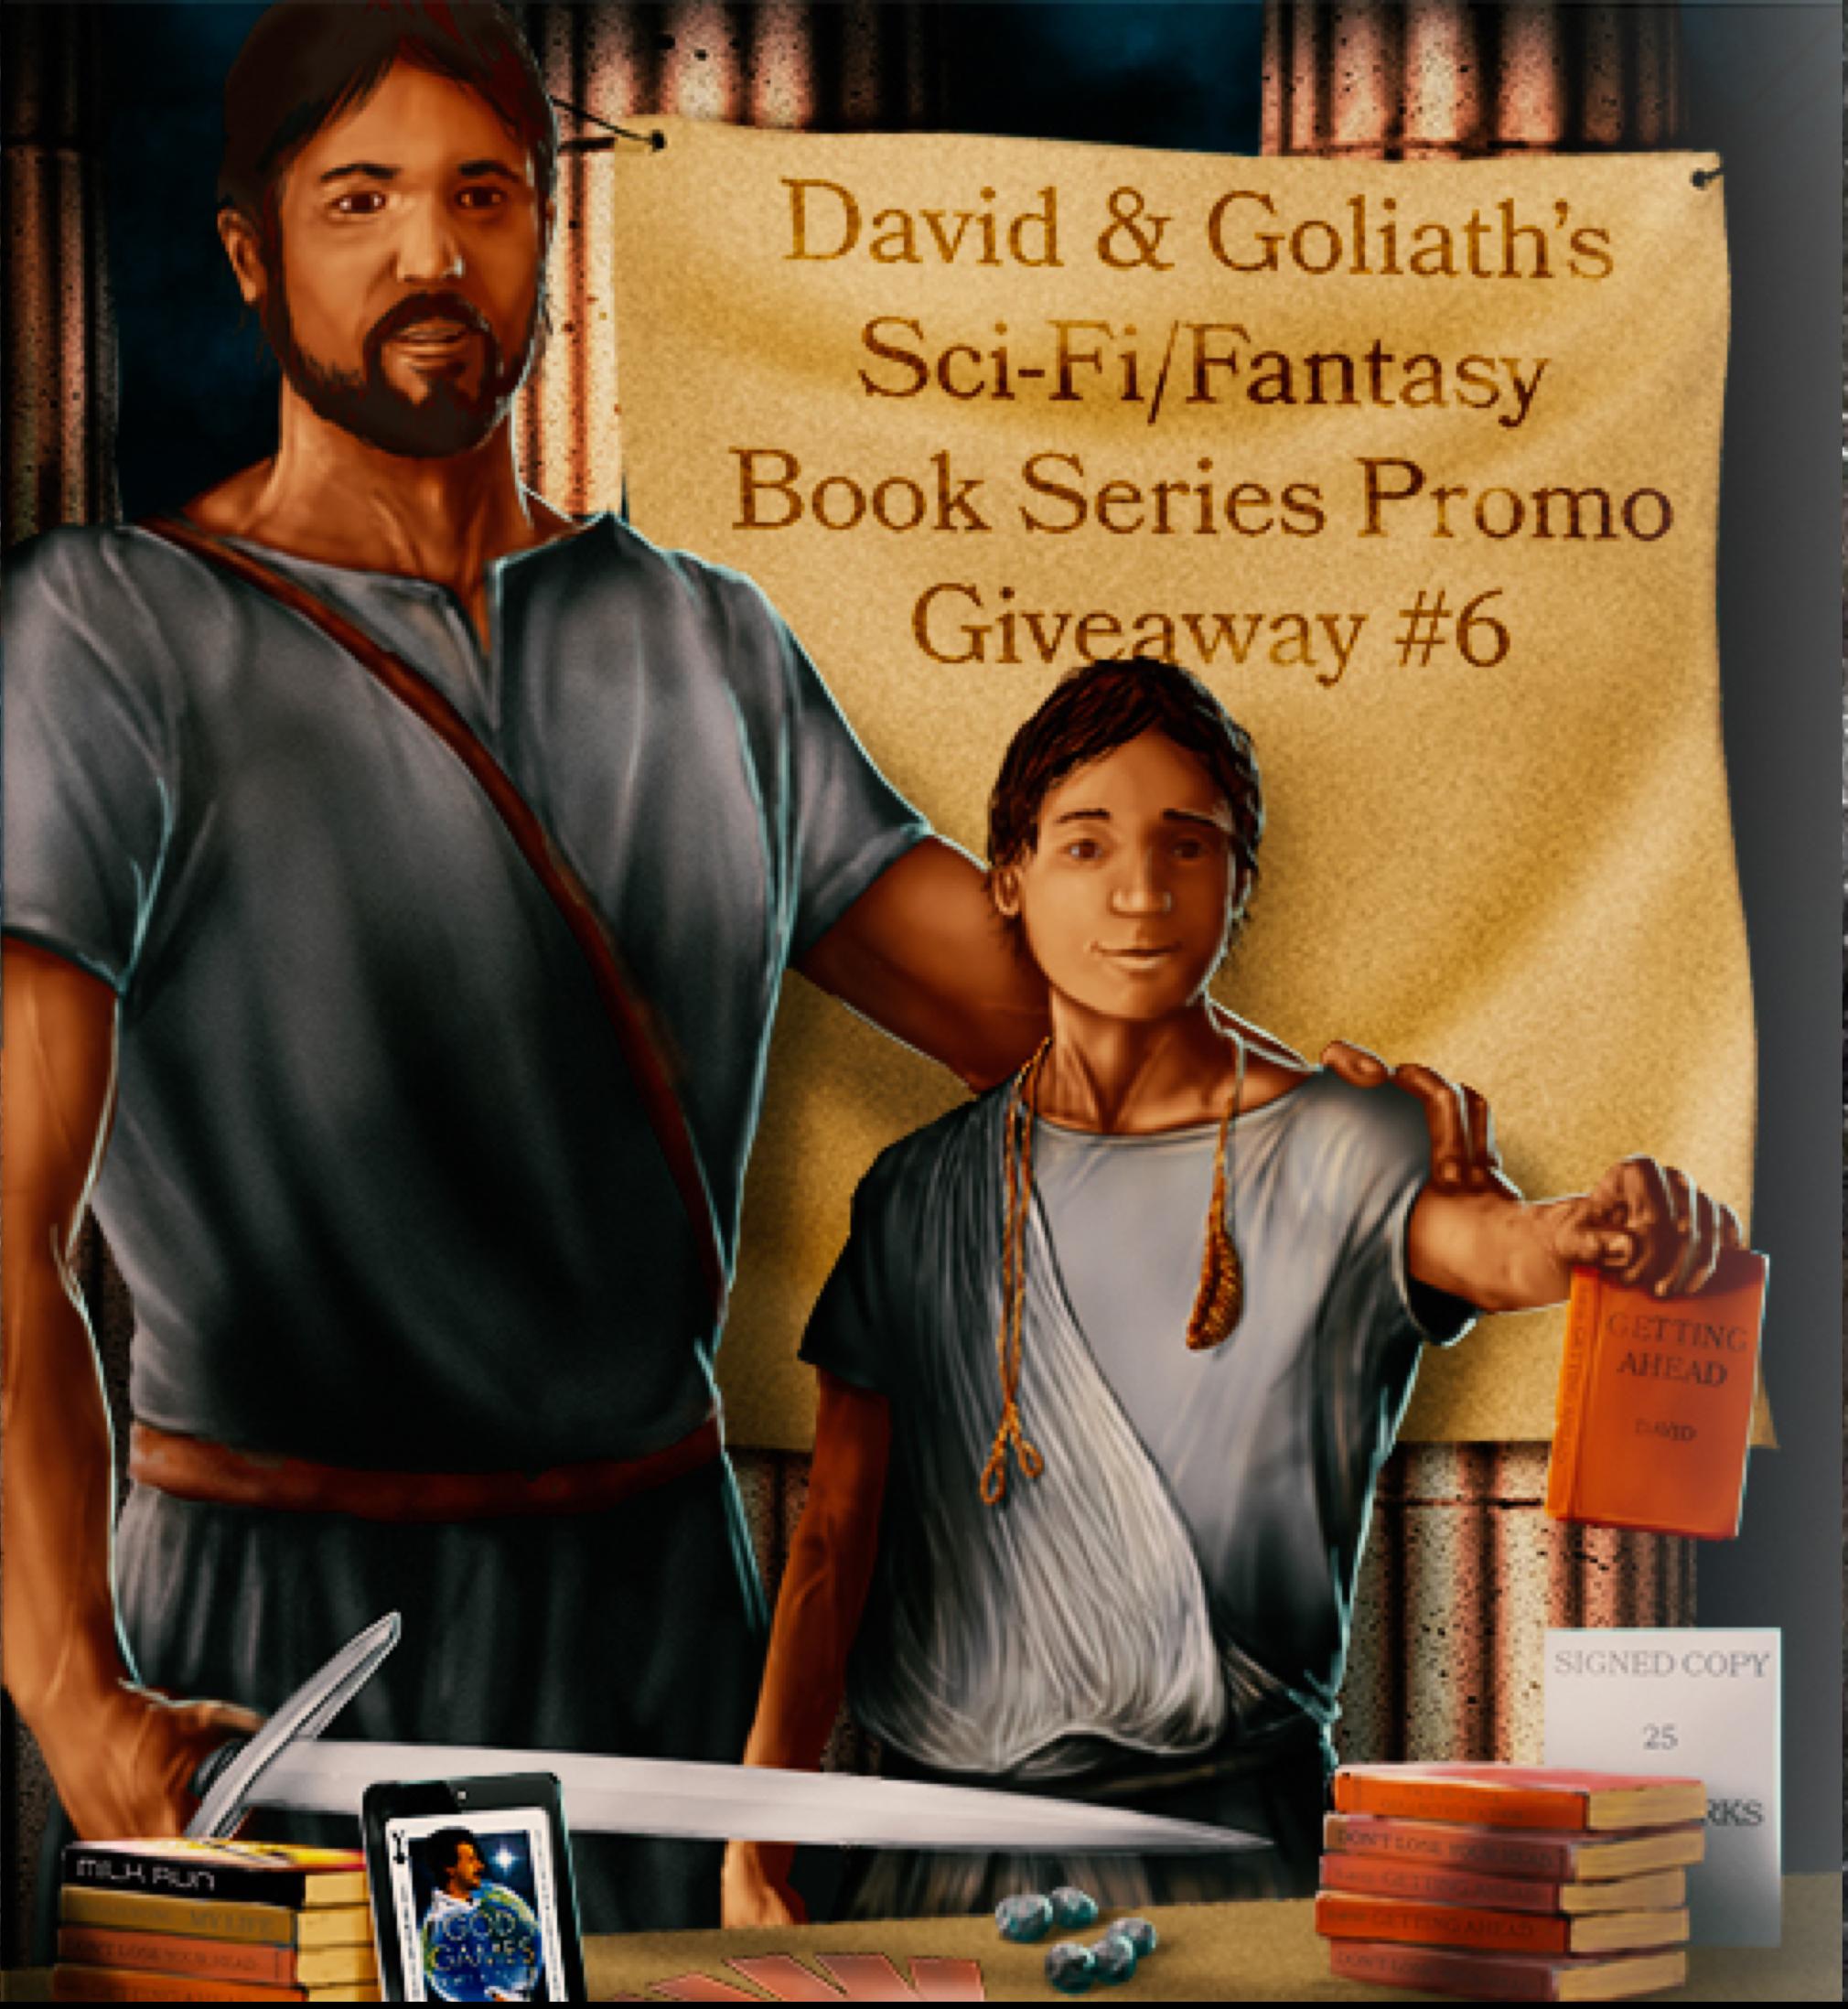 David and Goliath Sci-Fi/Fantasy Promo #2